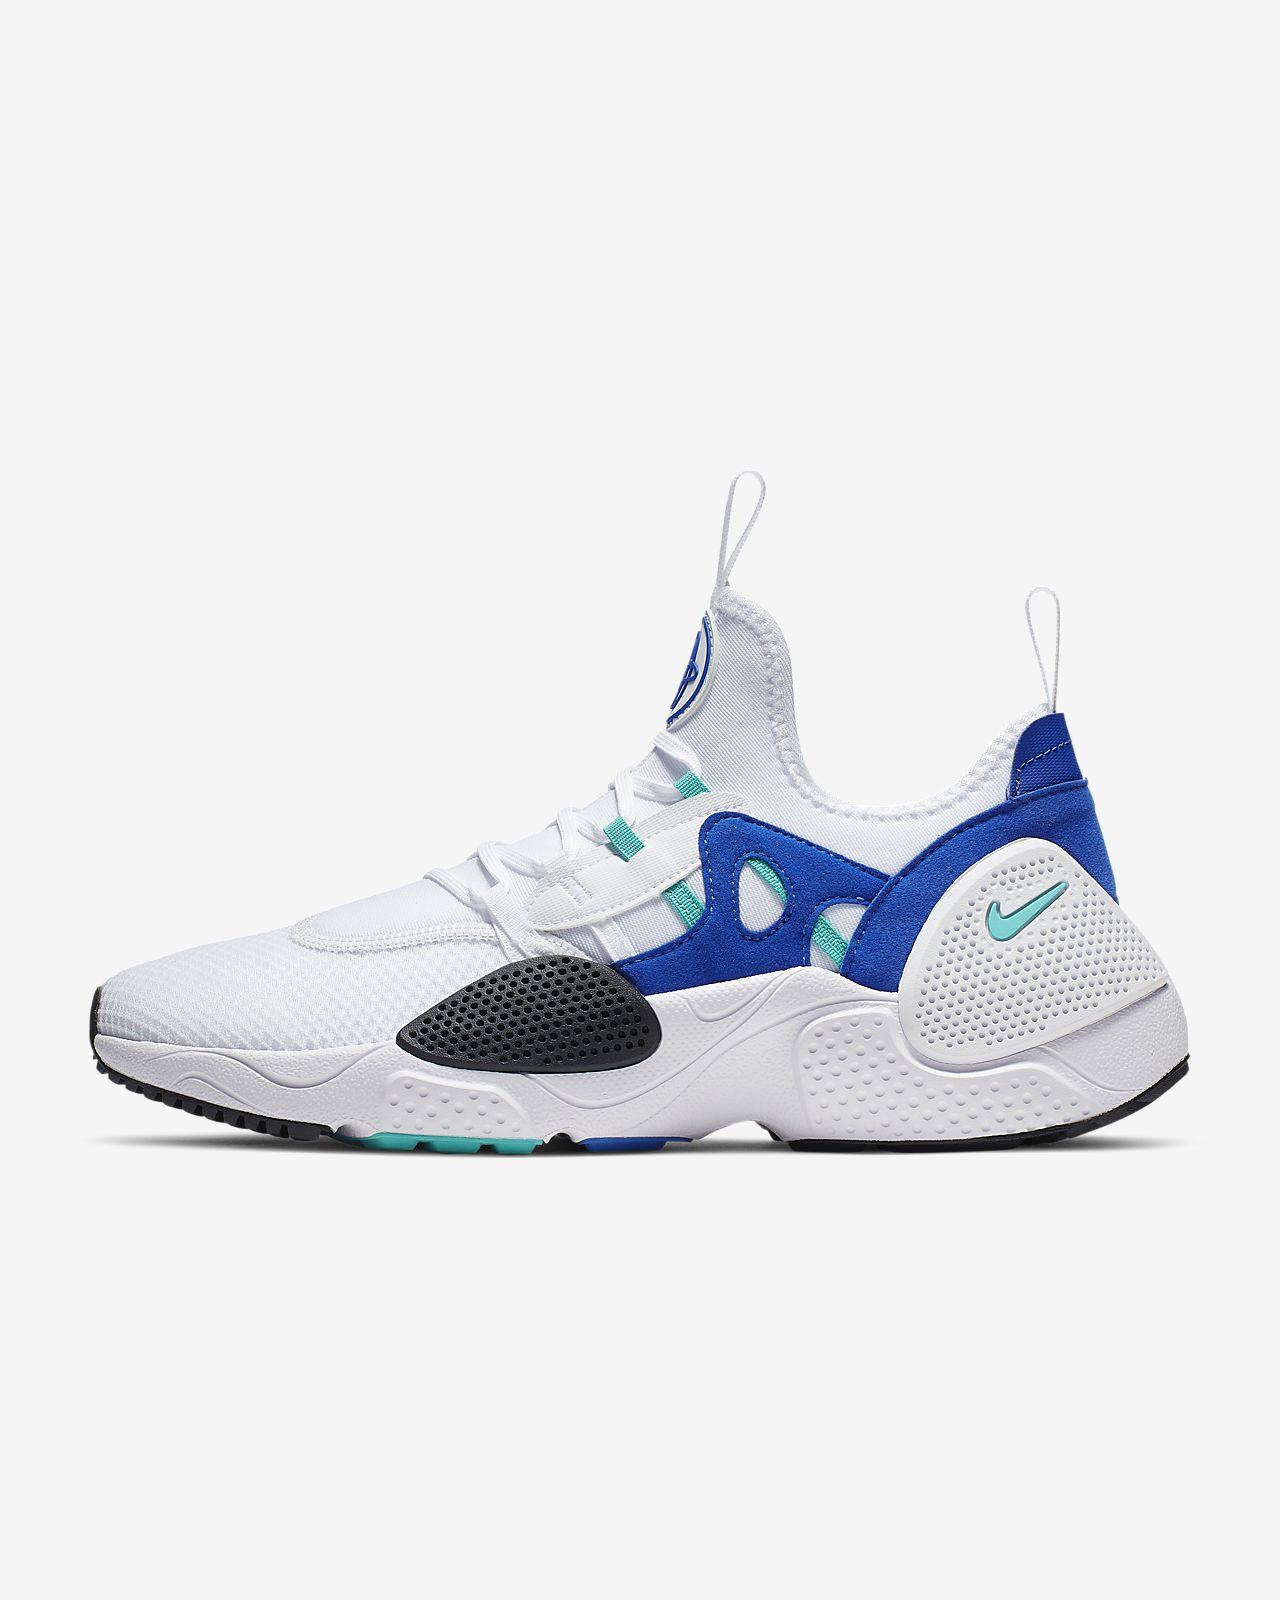 c51f5363813ff4 Nike Huarache E.D.G.E. TXT Men s Shoe. Nike.com ID